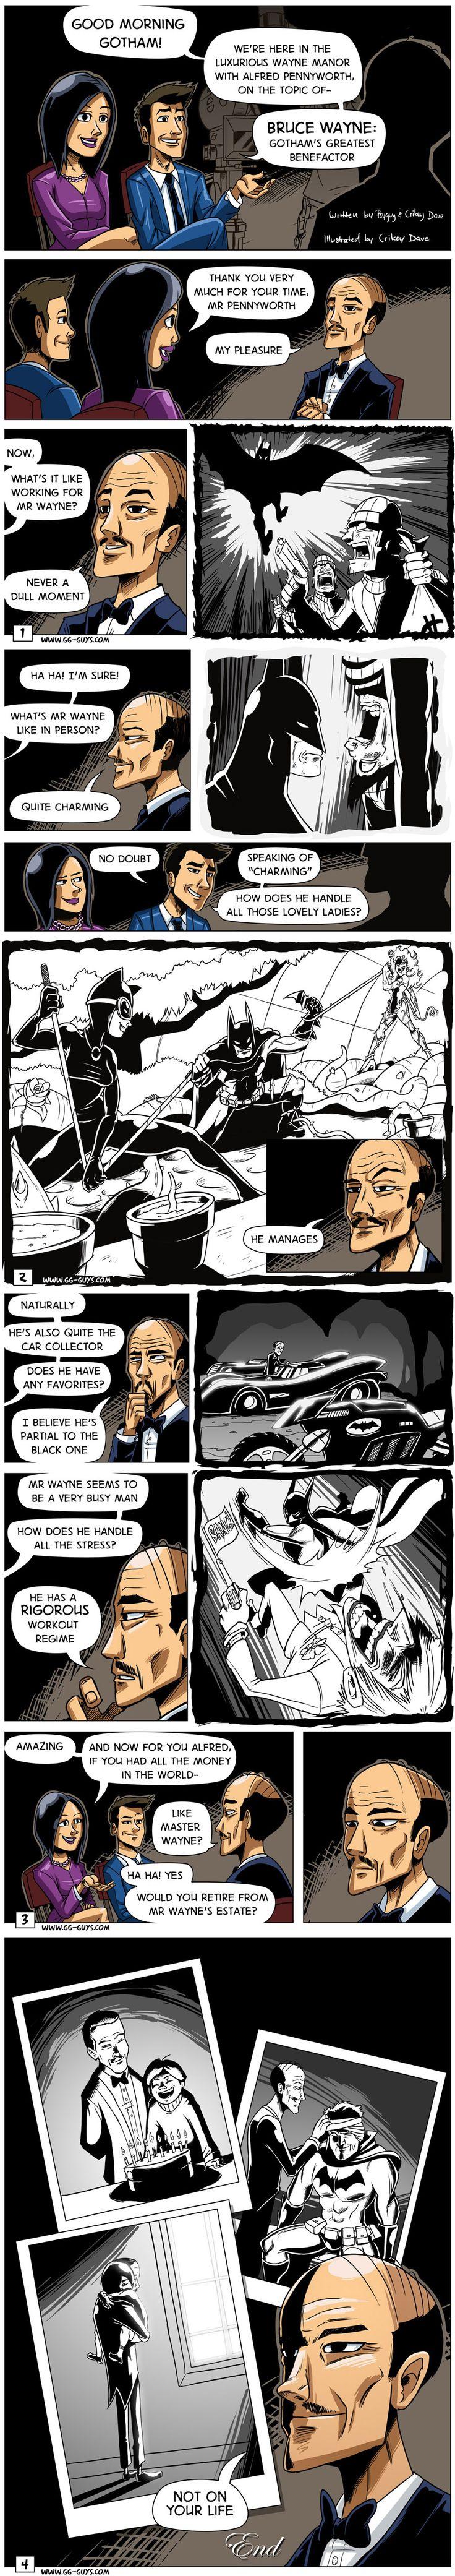 Alfred Pennyworth mucho más que un mayordomo <3     (*SupaCrikeyDave on deviantART)